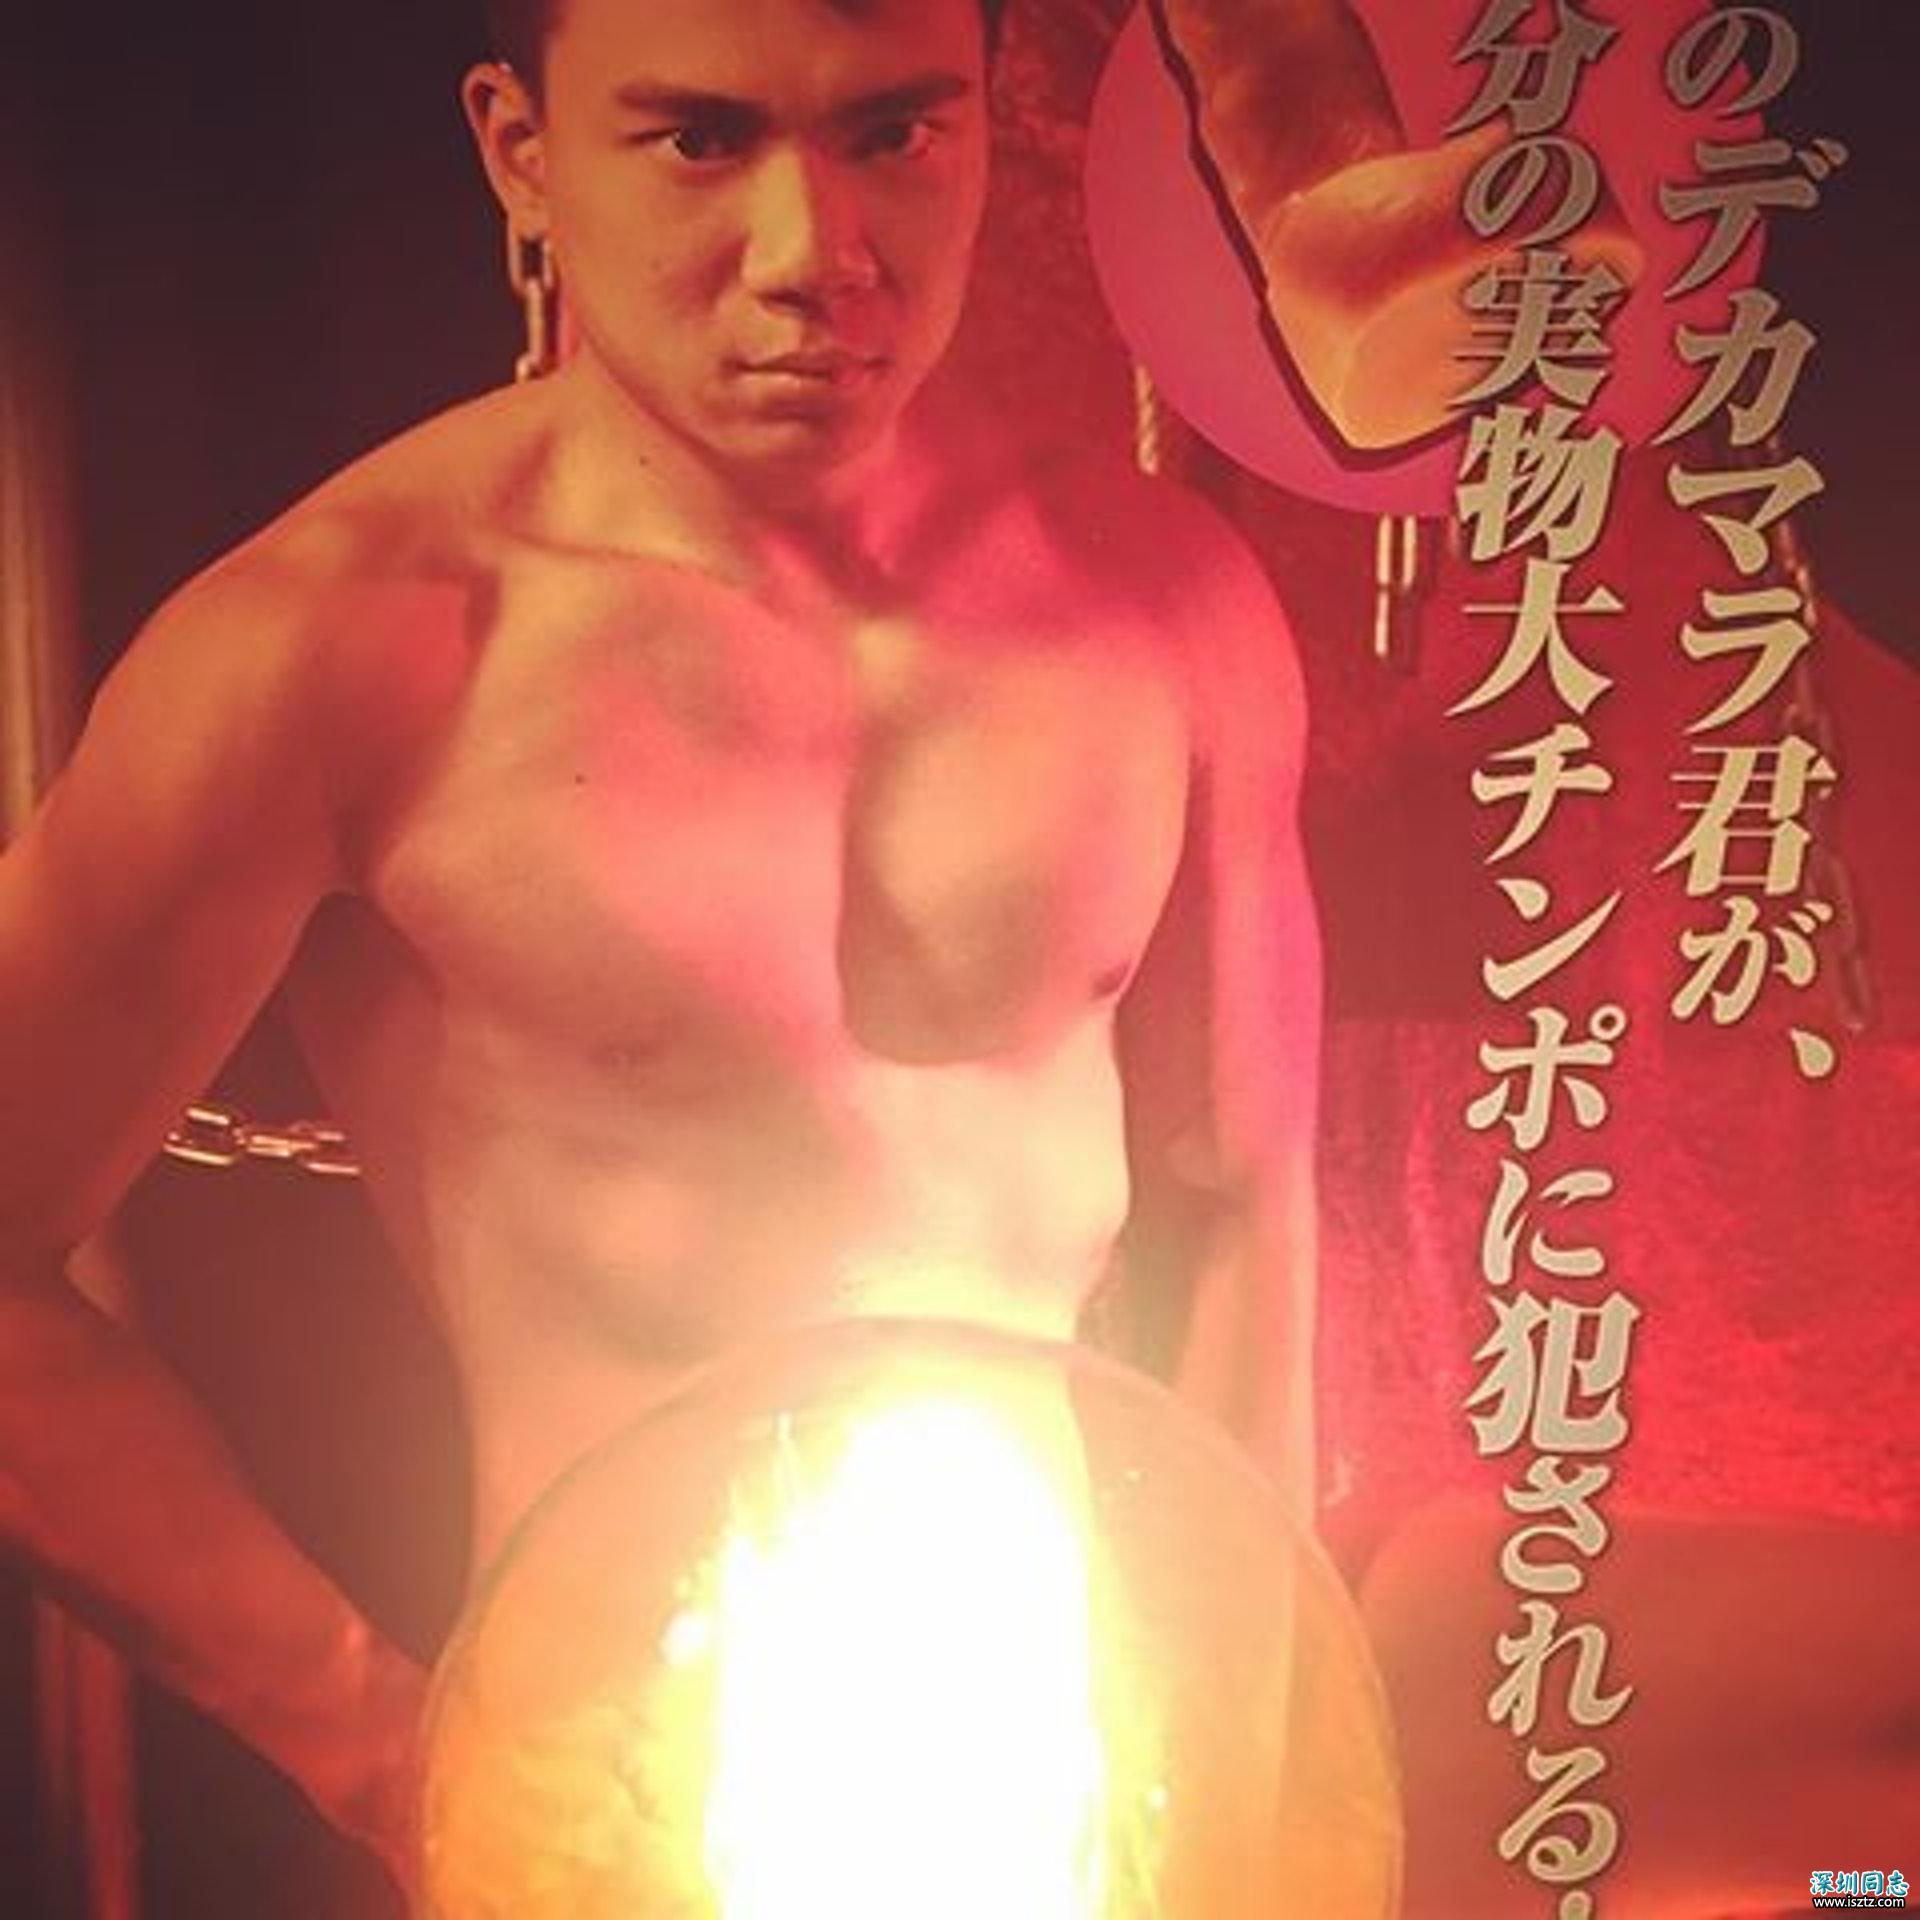 日本片商標榜他為「17.5cm筋肉Banana」。(網上圖片)